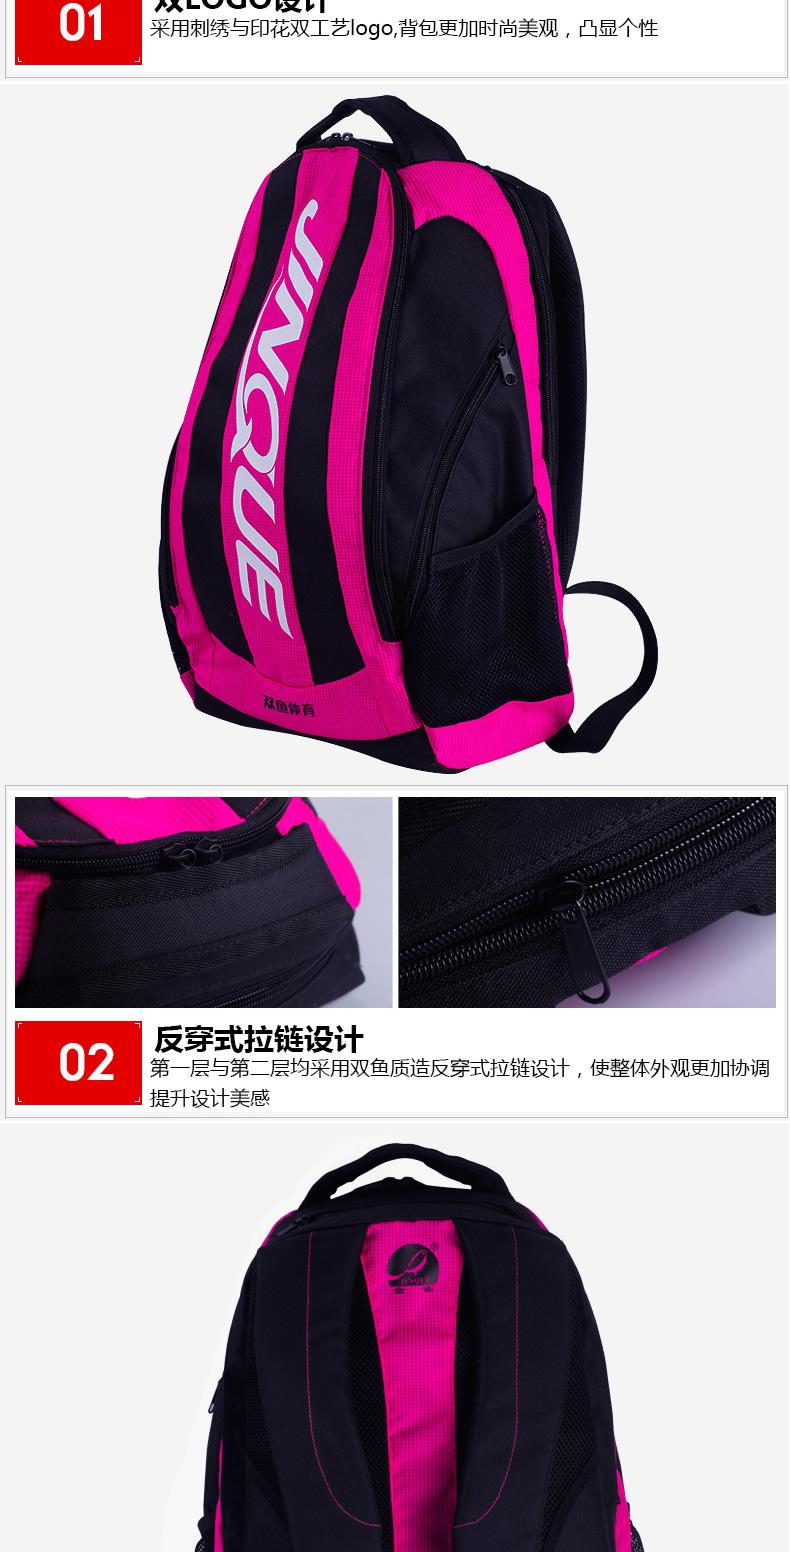 运动背包!_06.jpg